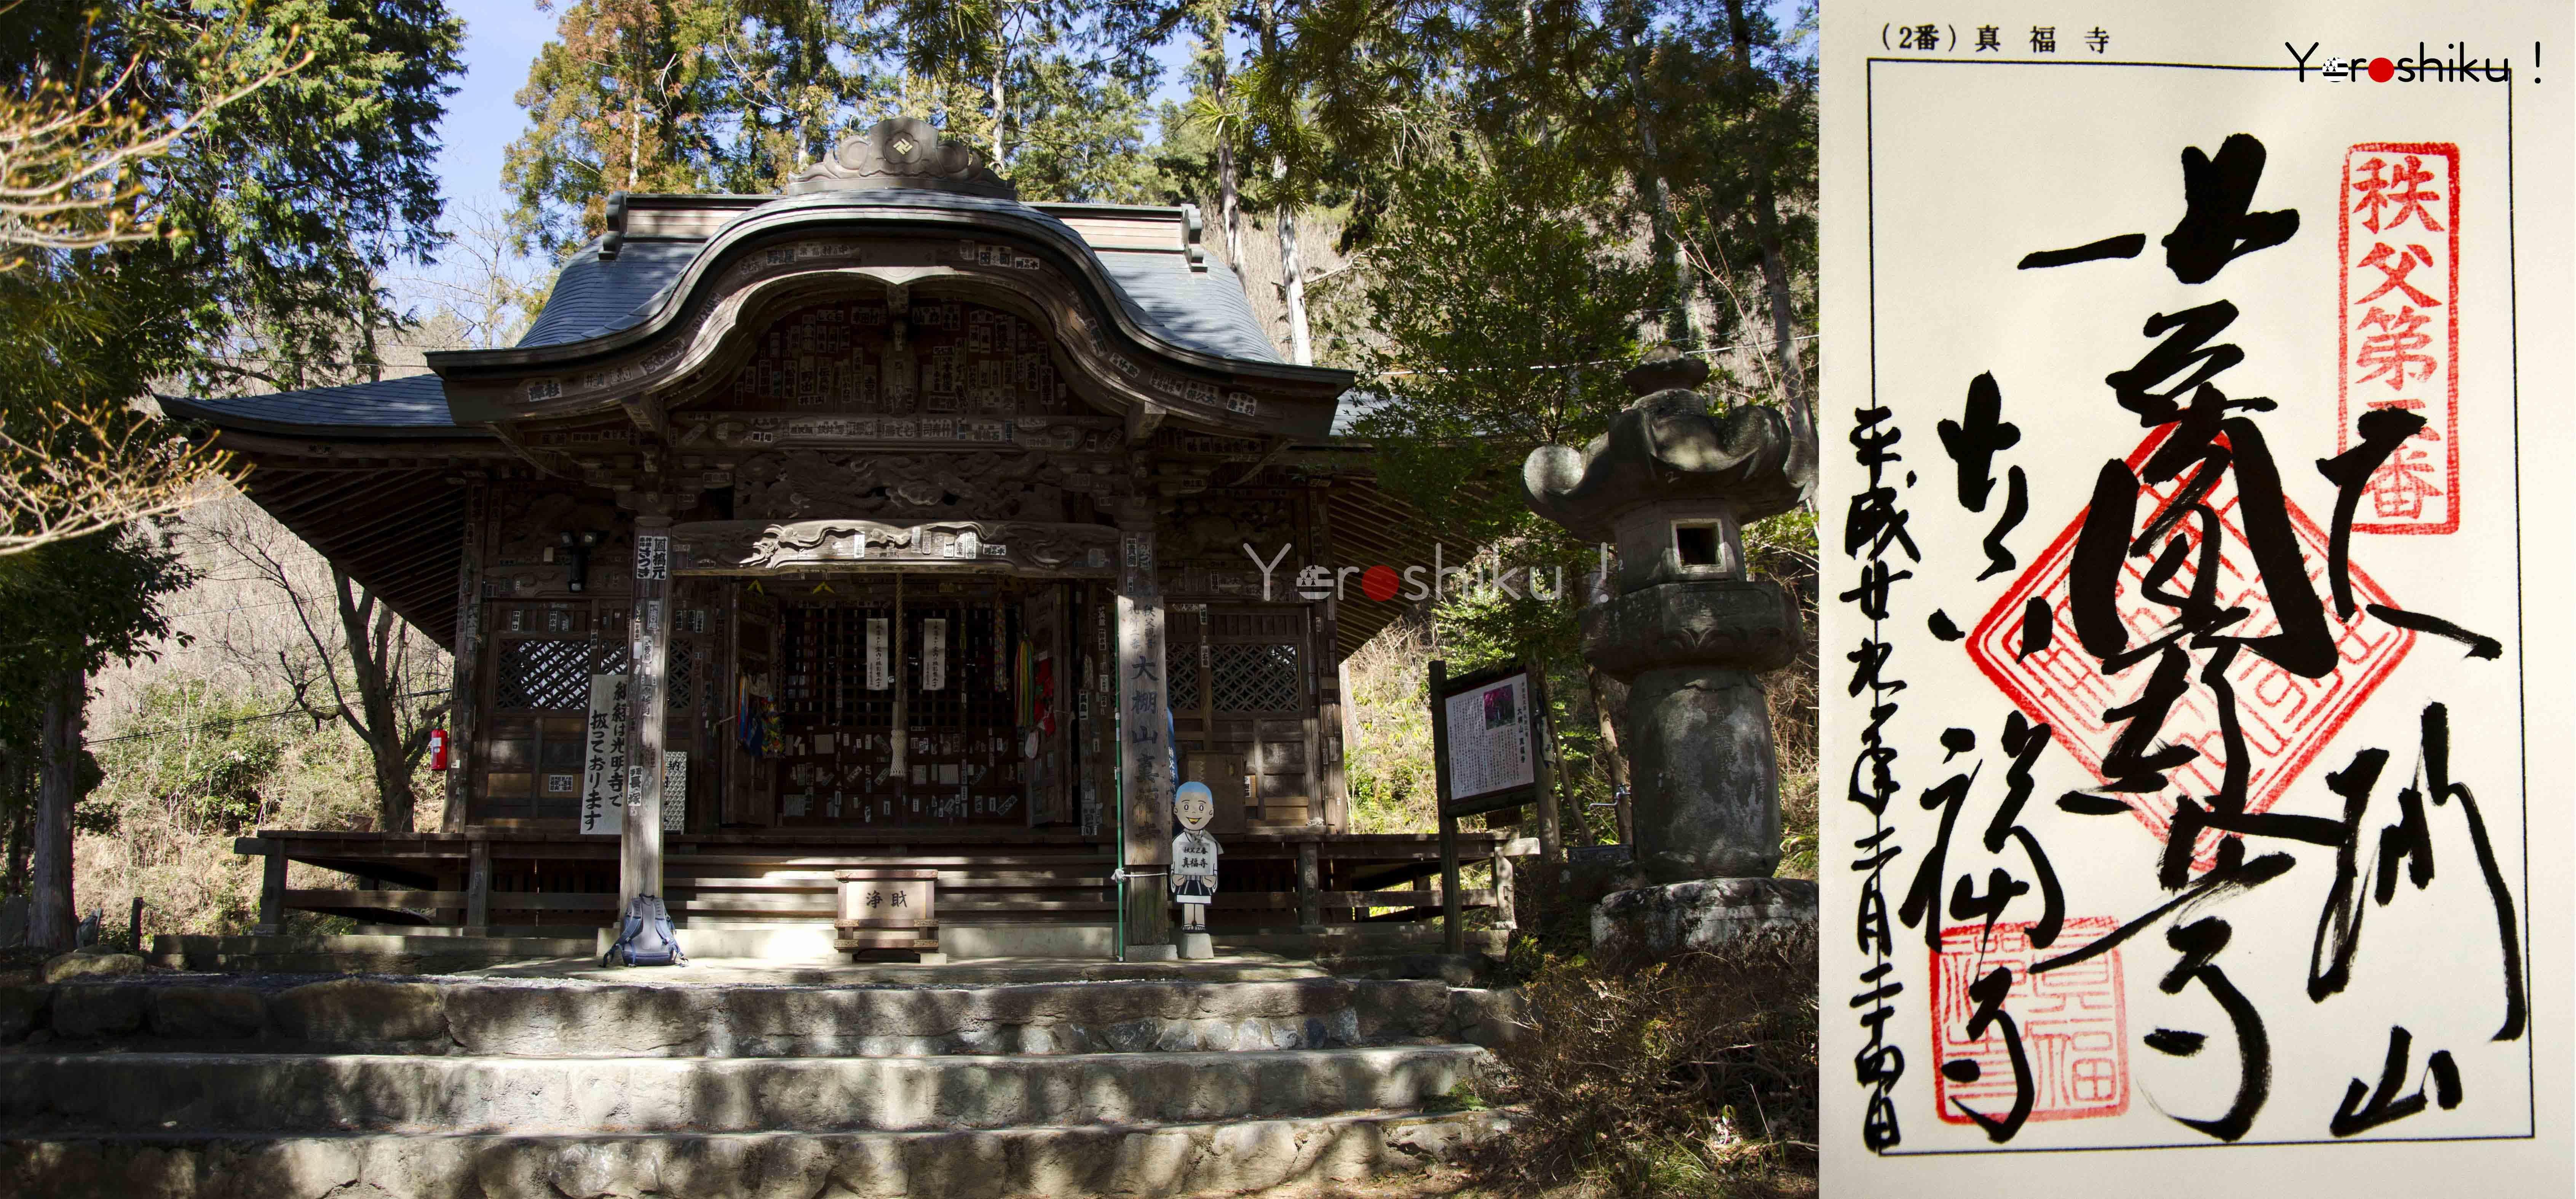 Shinpukuji pèlerinage de Chichibu